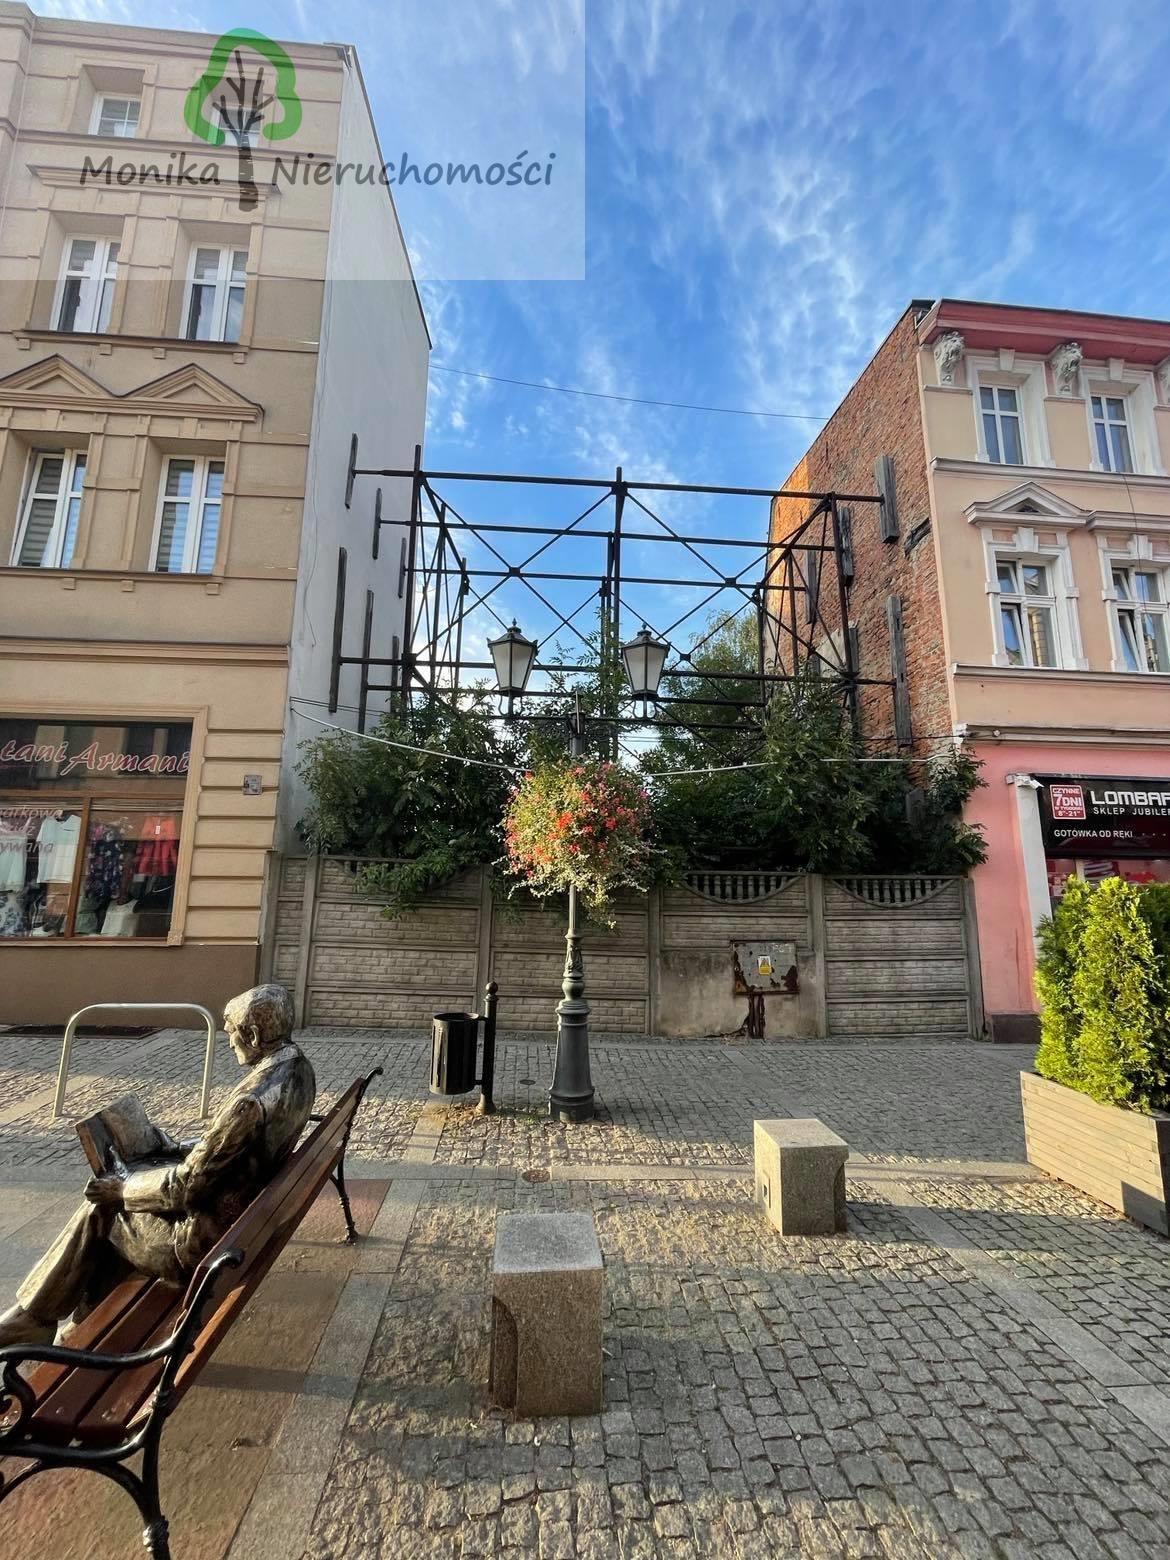 Działka inwestycyjna na sprzedaż Tczew, Dąbrowskiego  367m2 Foto 1